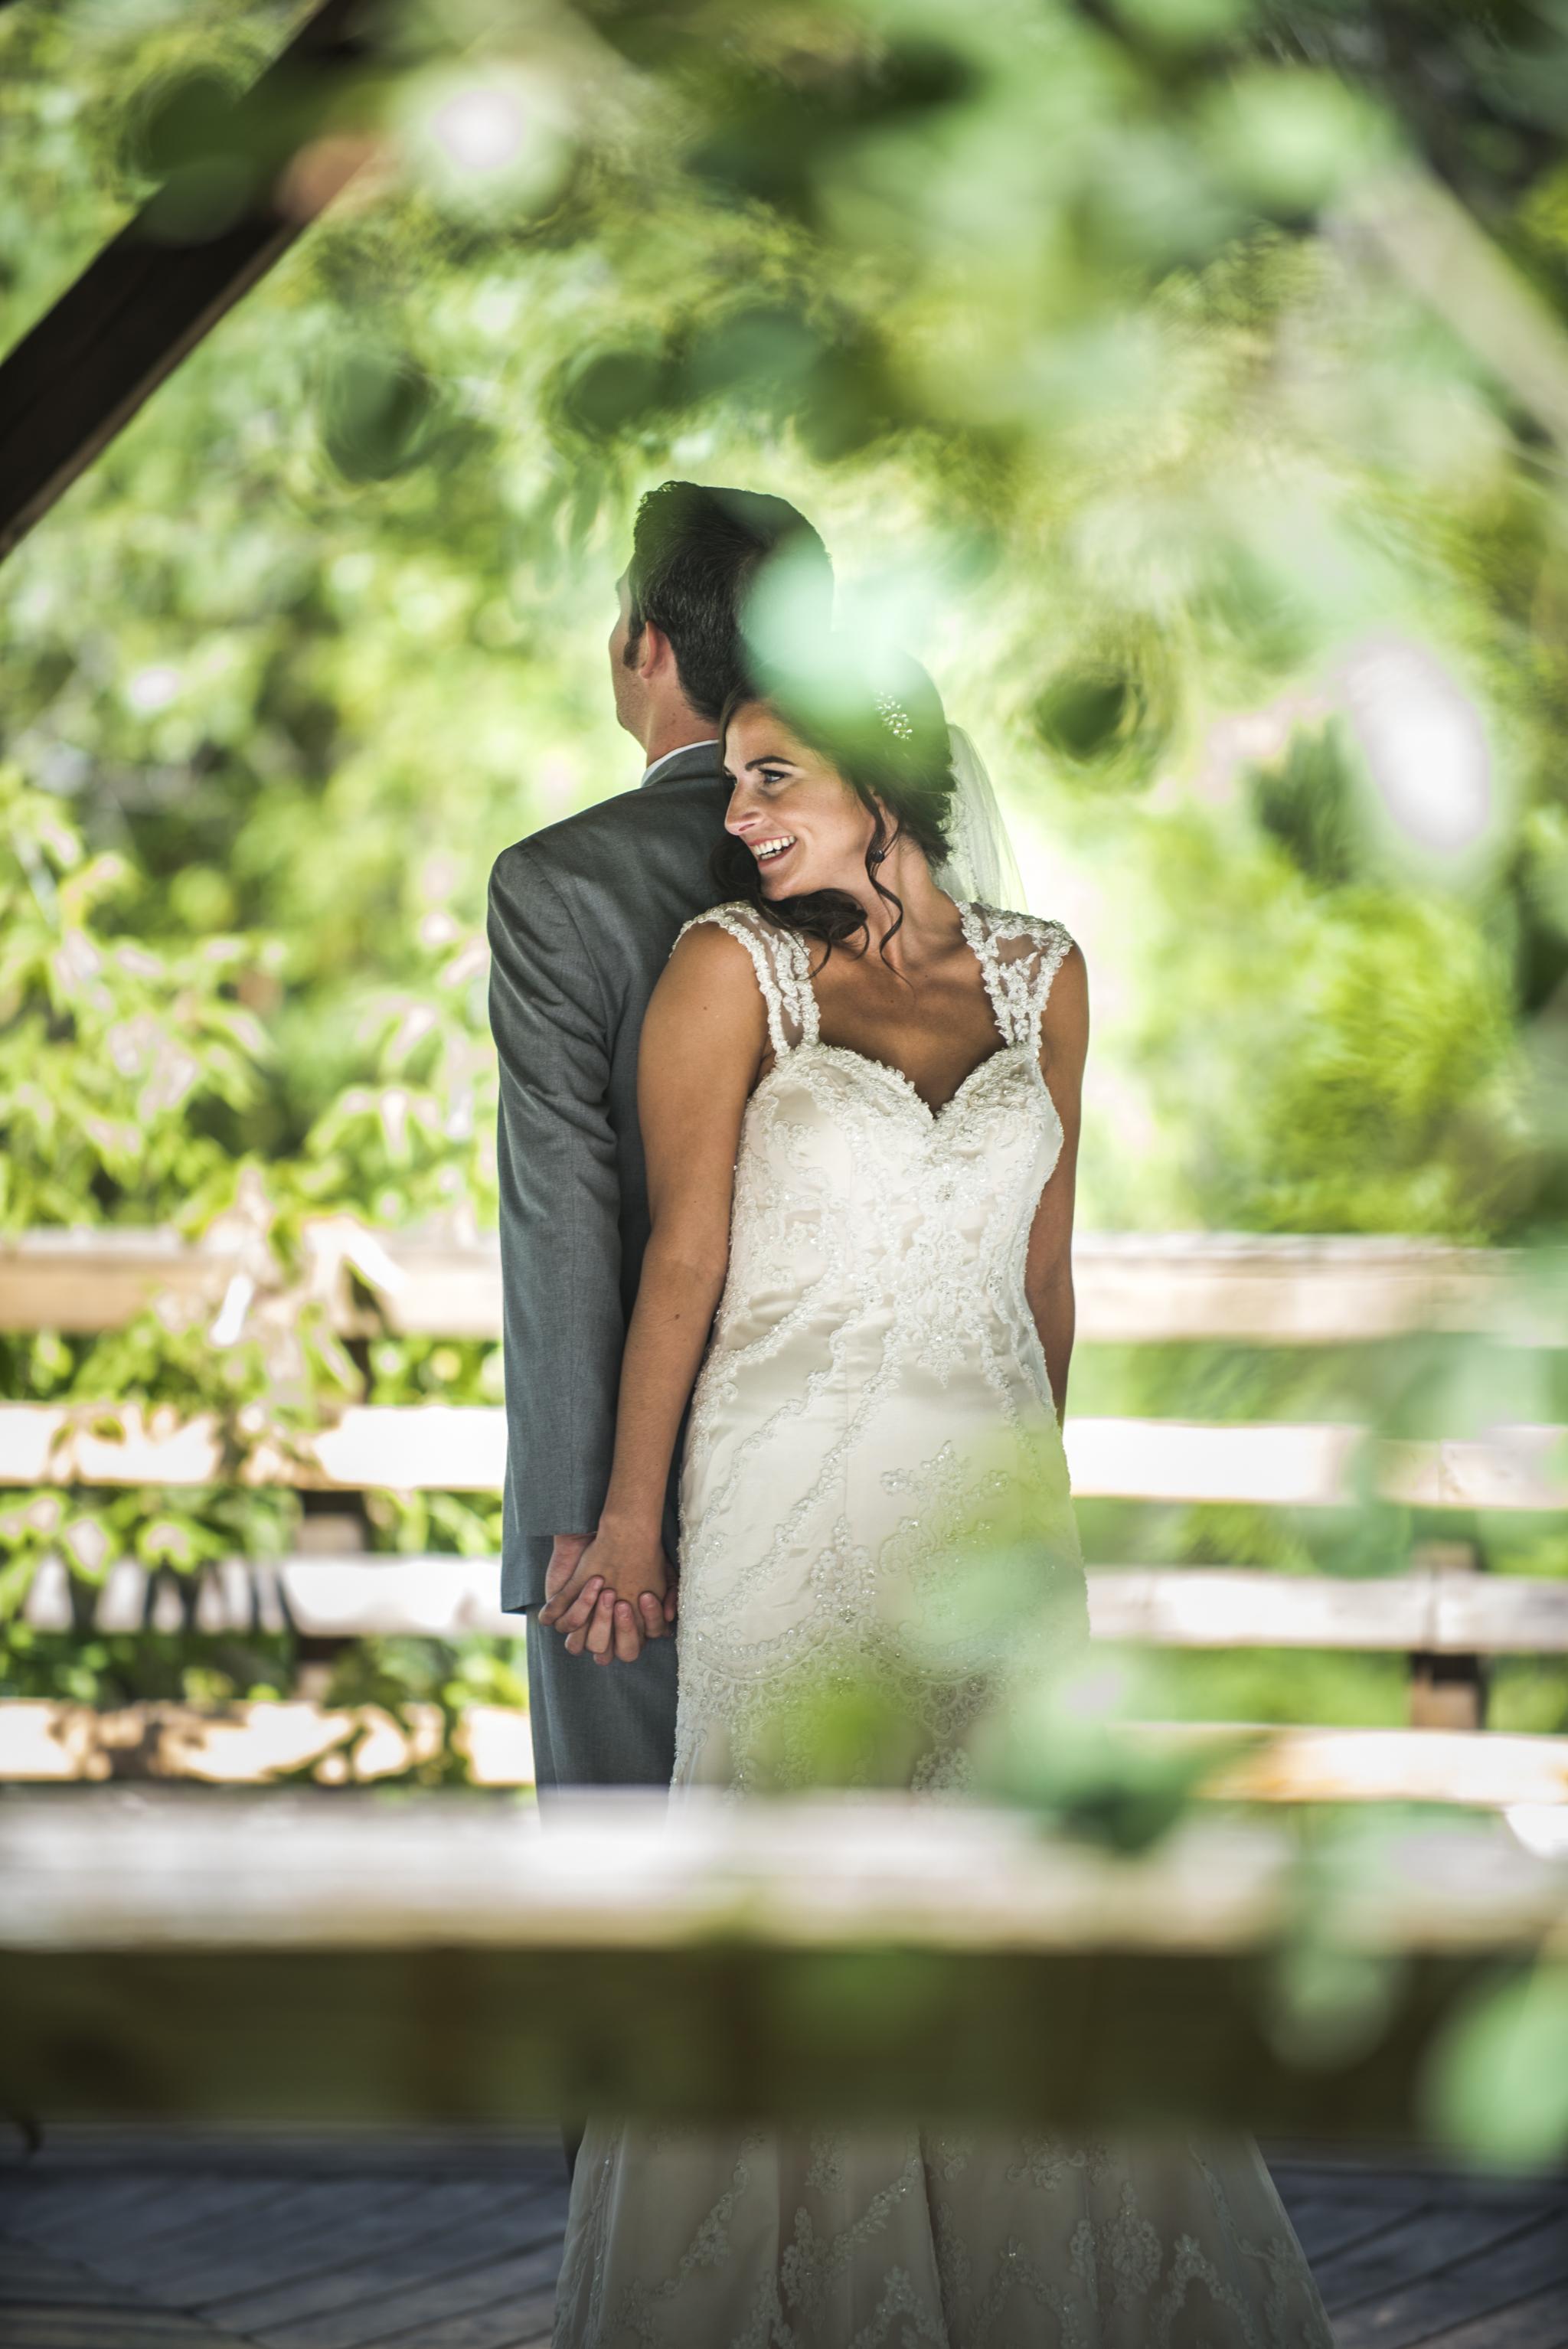 HeatherMike-Wedding-Online-FirstLook-18.jpg